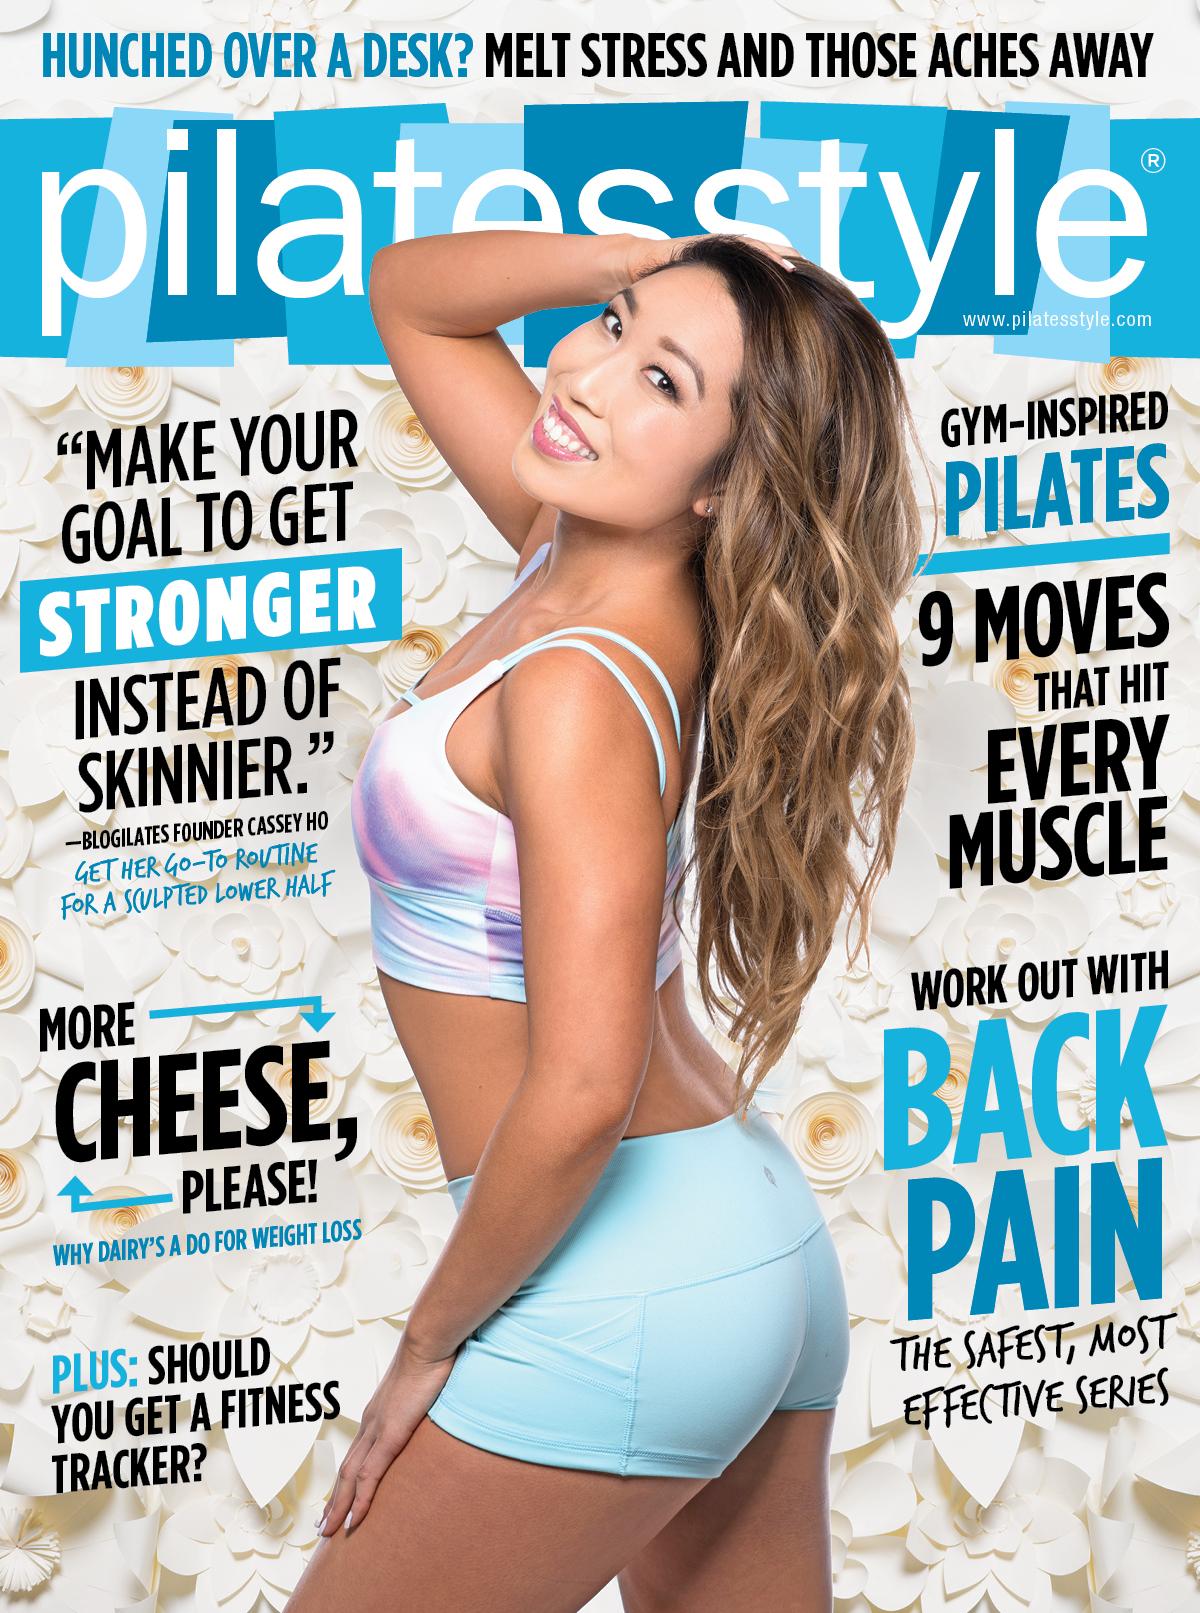 pilatesstylemag.jpg